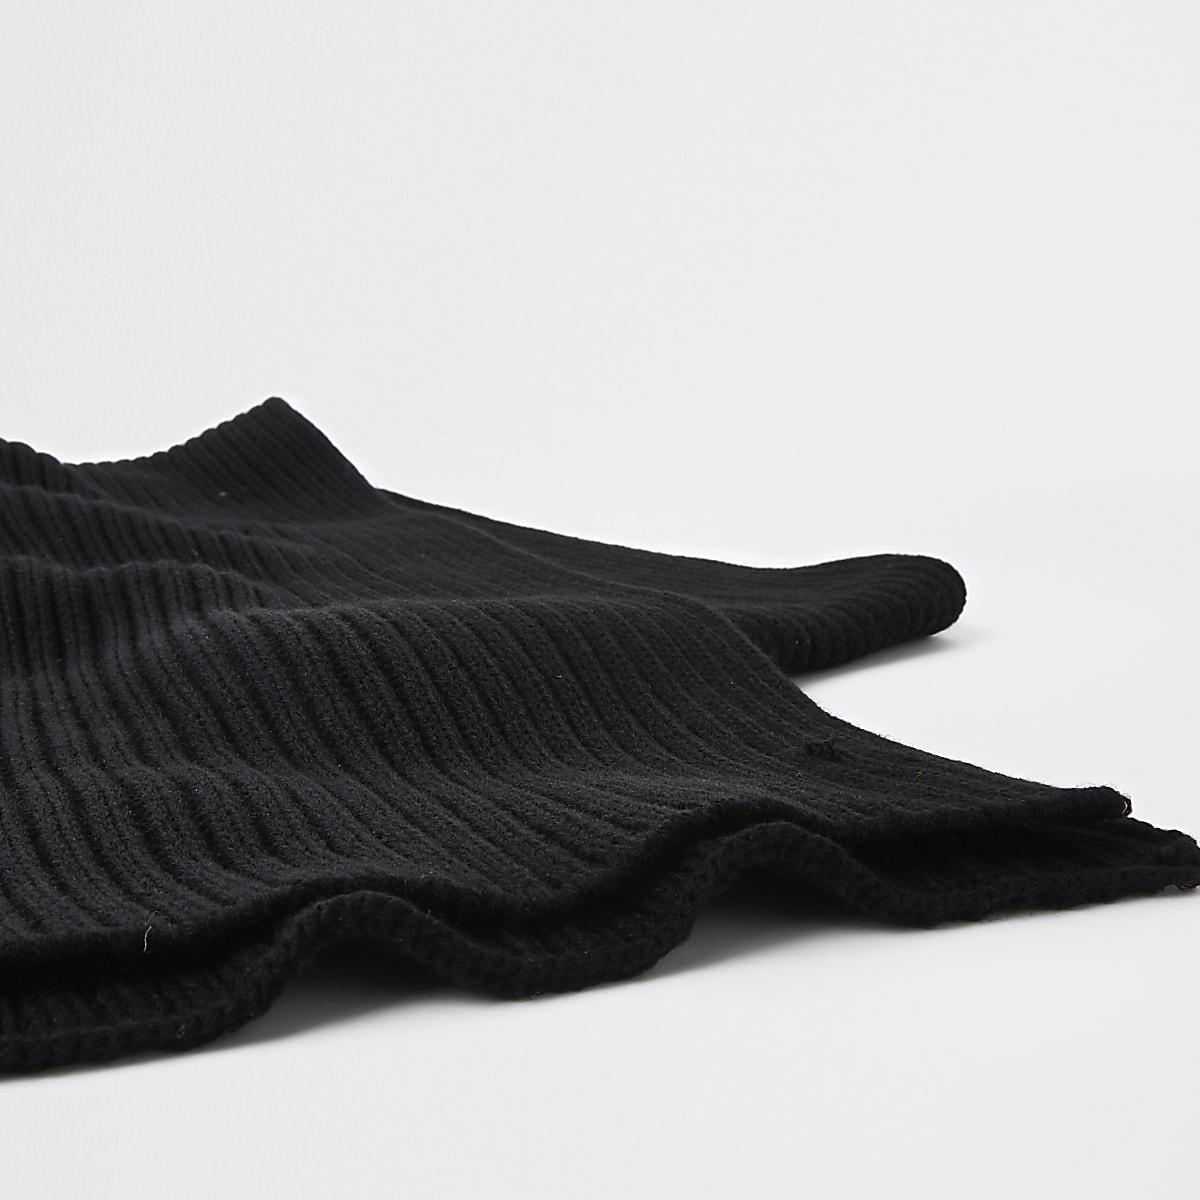 a86bf216c58 Écharpe en maille côtelée noire - Écharpes gants - Accessoires - Homme